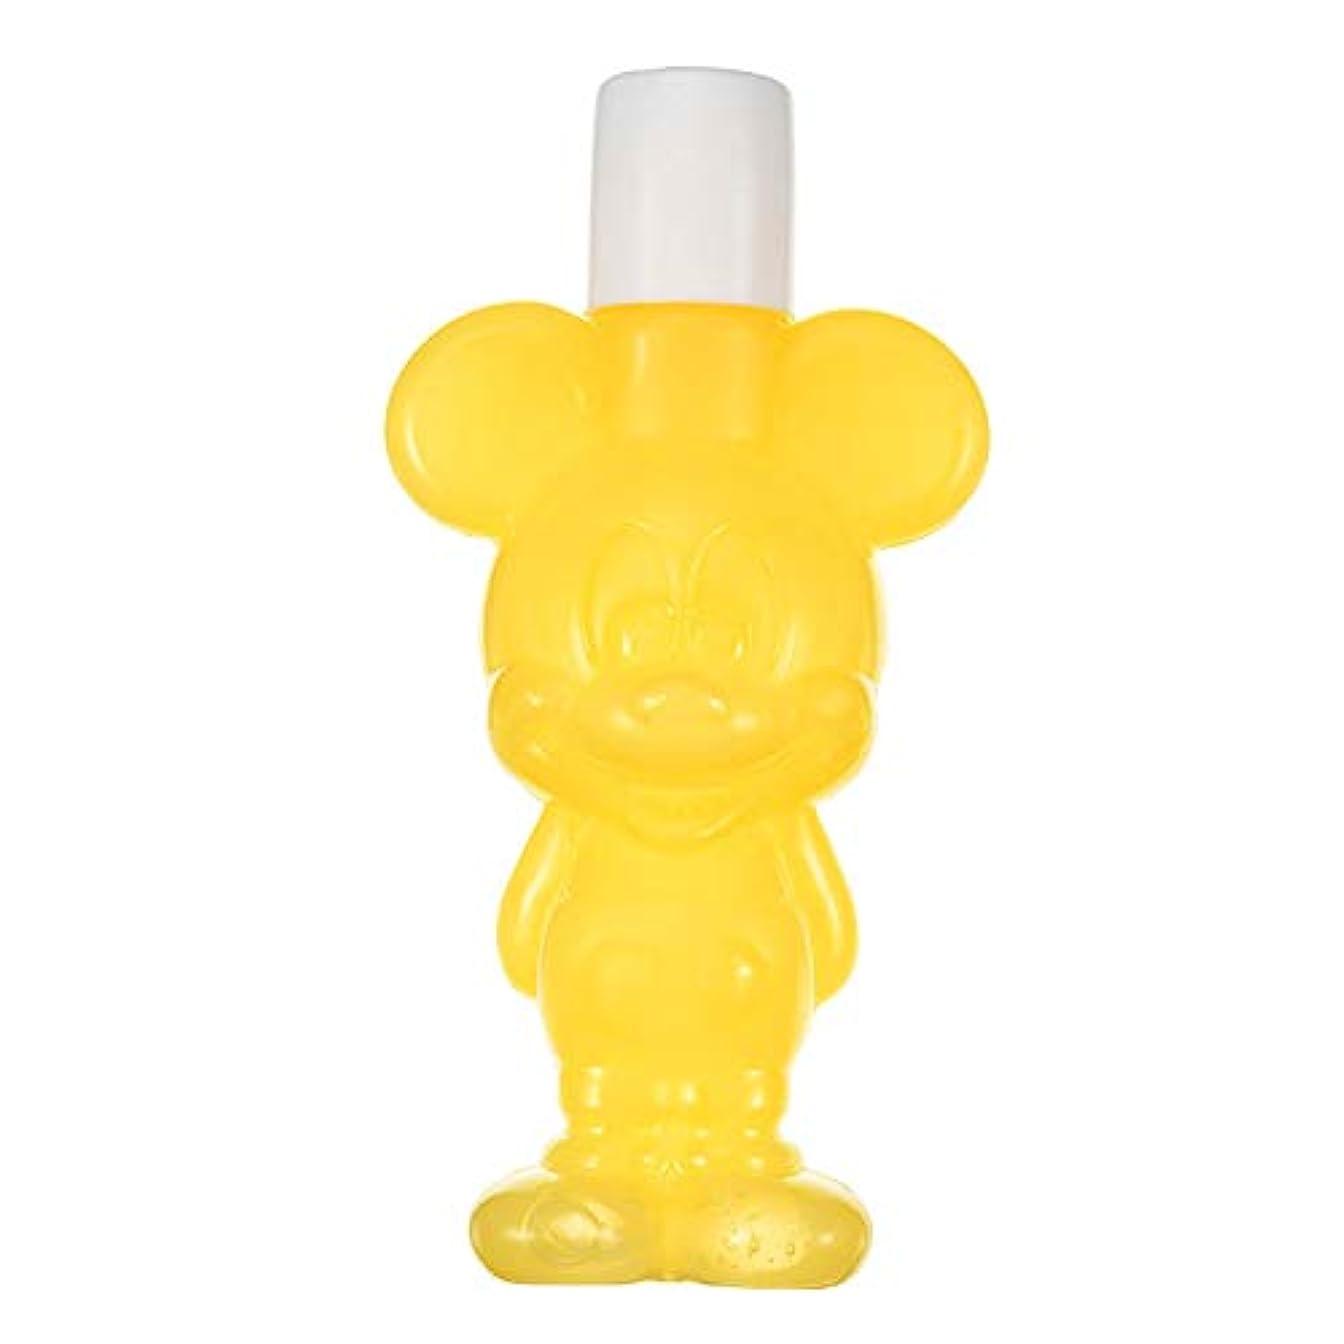 ロケットによって実際ディズニーストア(公式)保湿ジェル ミッキー イエロー Gummy Candy Cosme